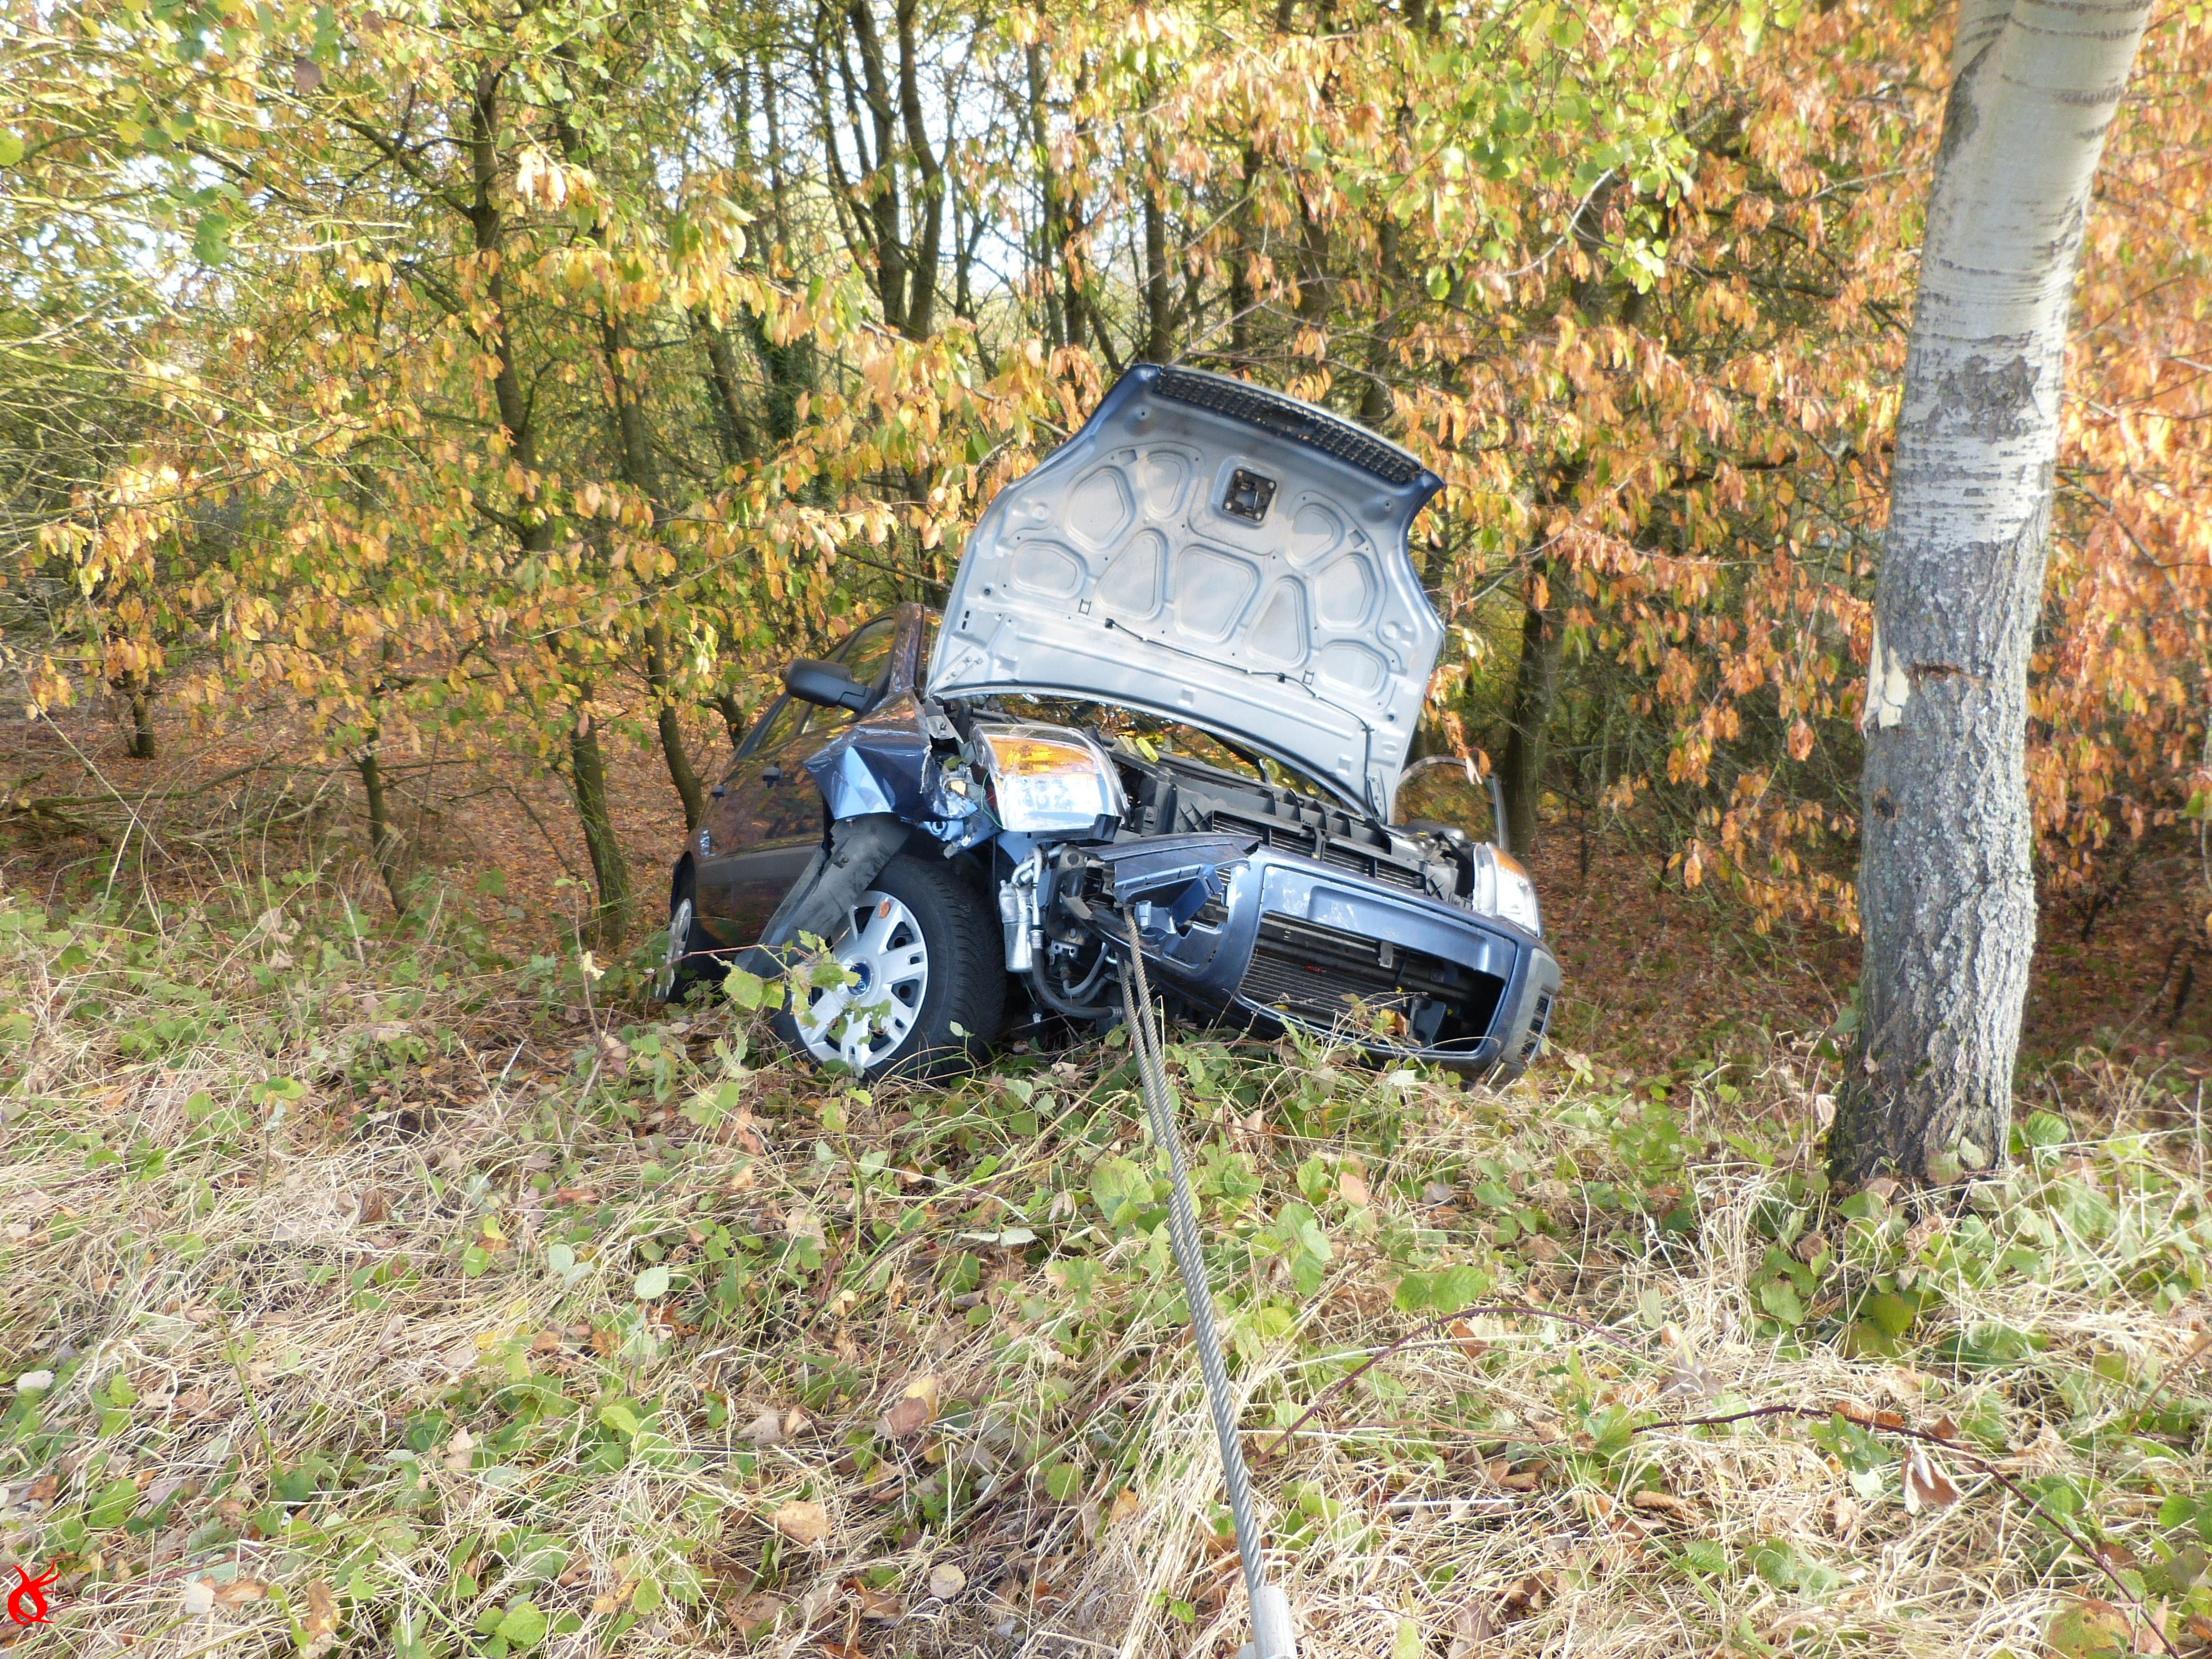 VU2 - Verkehrsunfall Person klemmt